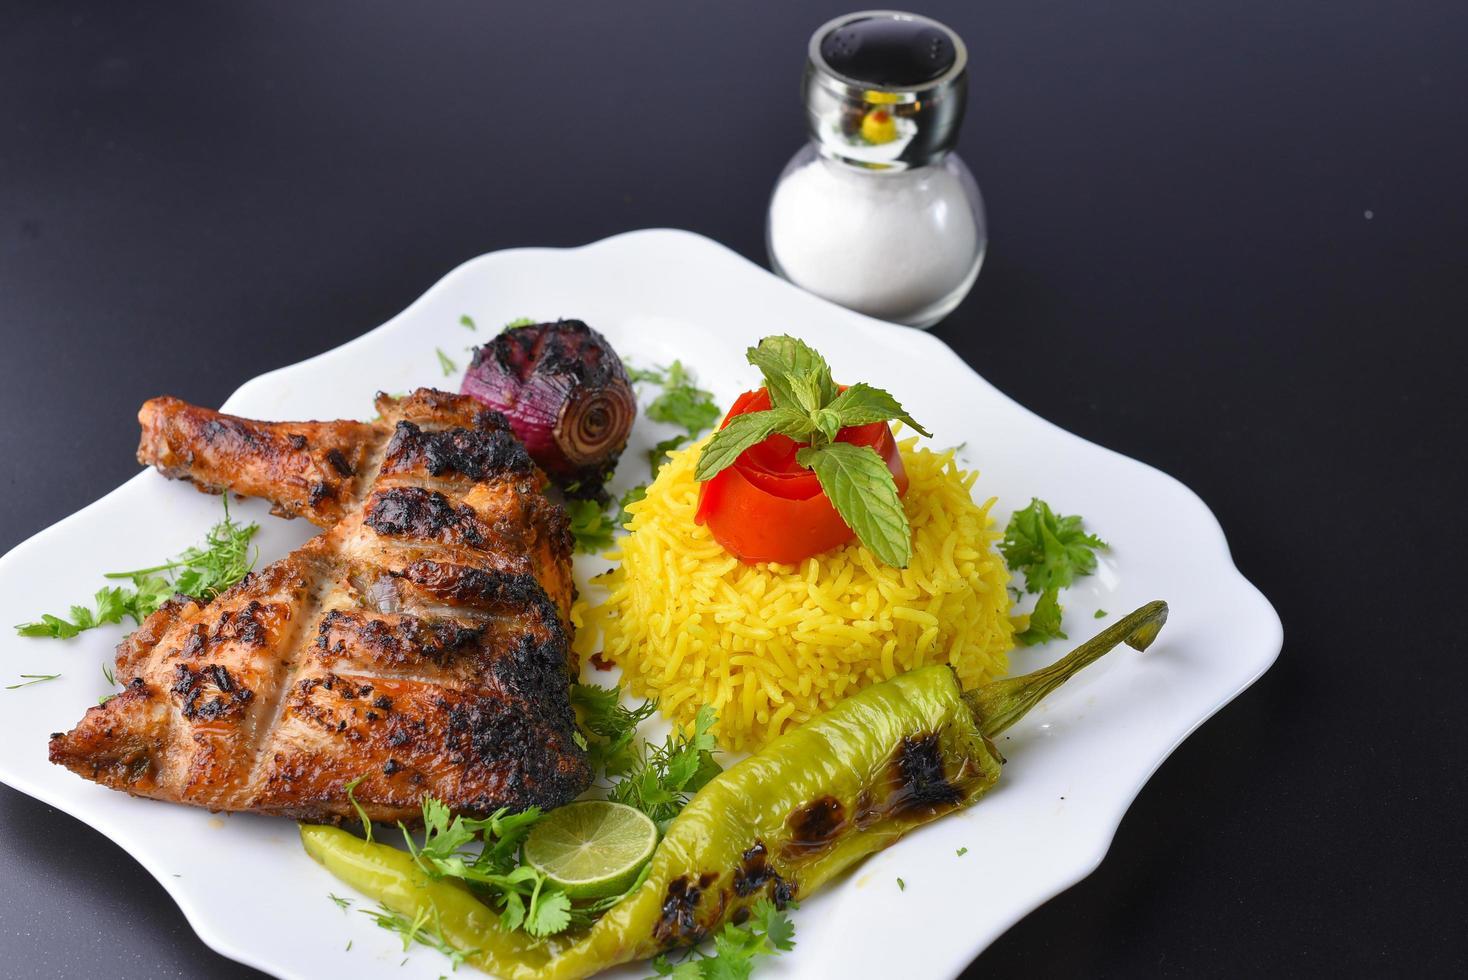 repas de poitrine de poulet grillé photo